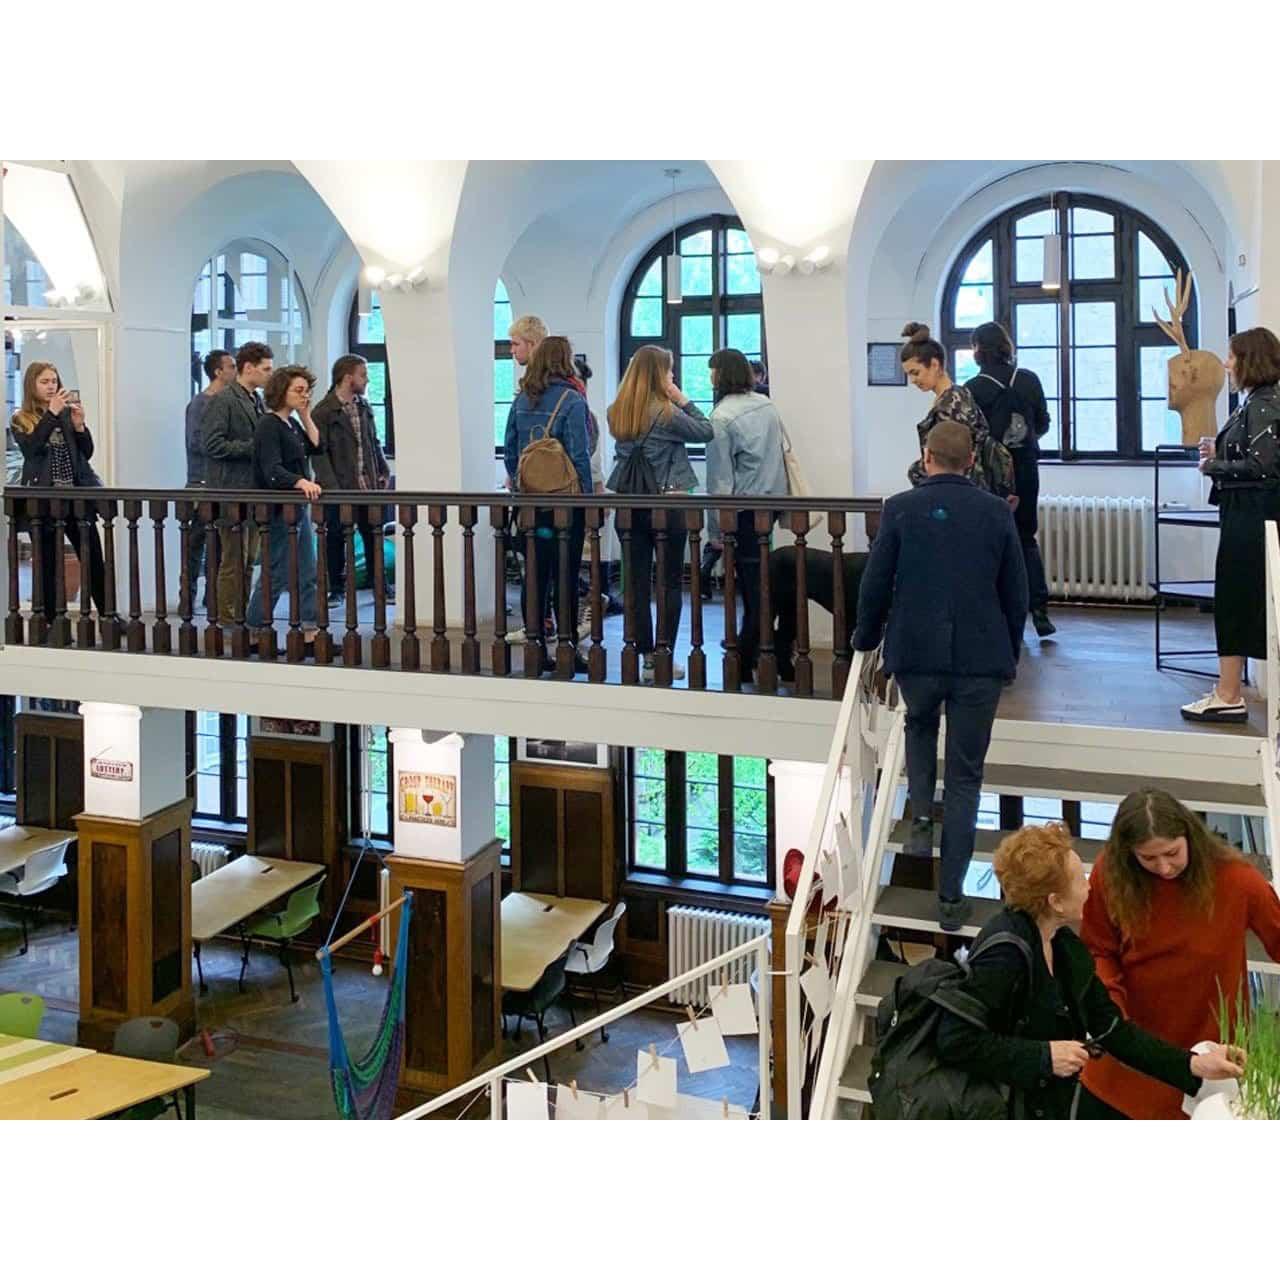 Povratak prirodi na Međunarodnom trijenalu proširenih medija, multimedijalne umetnosti i umetnosti novih medija